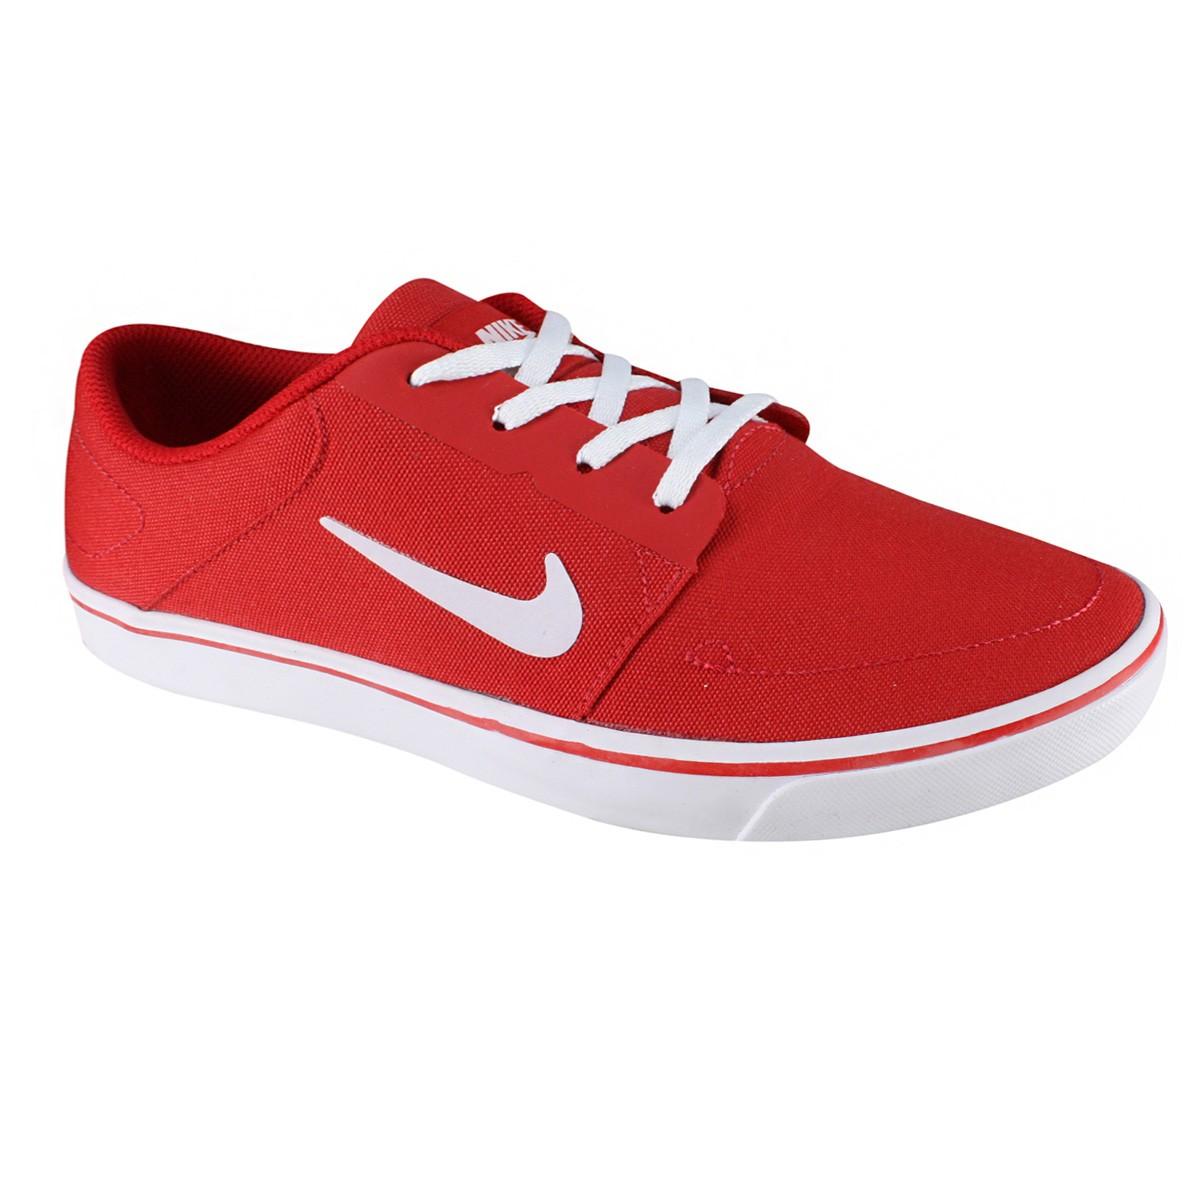 1e9d9d7ff5474 Tênis Nike SB Portmore CNVS 723874-612 - Vermelho Branco - Calçados ...